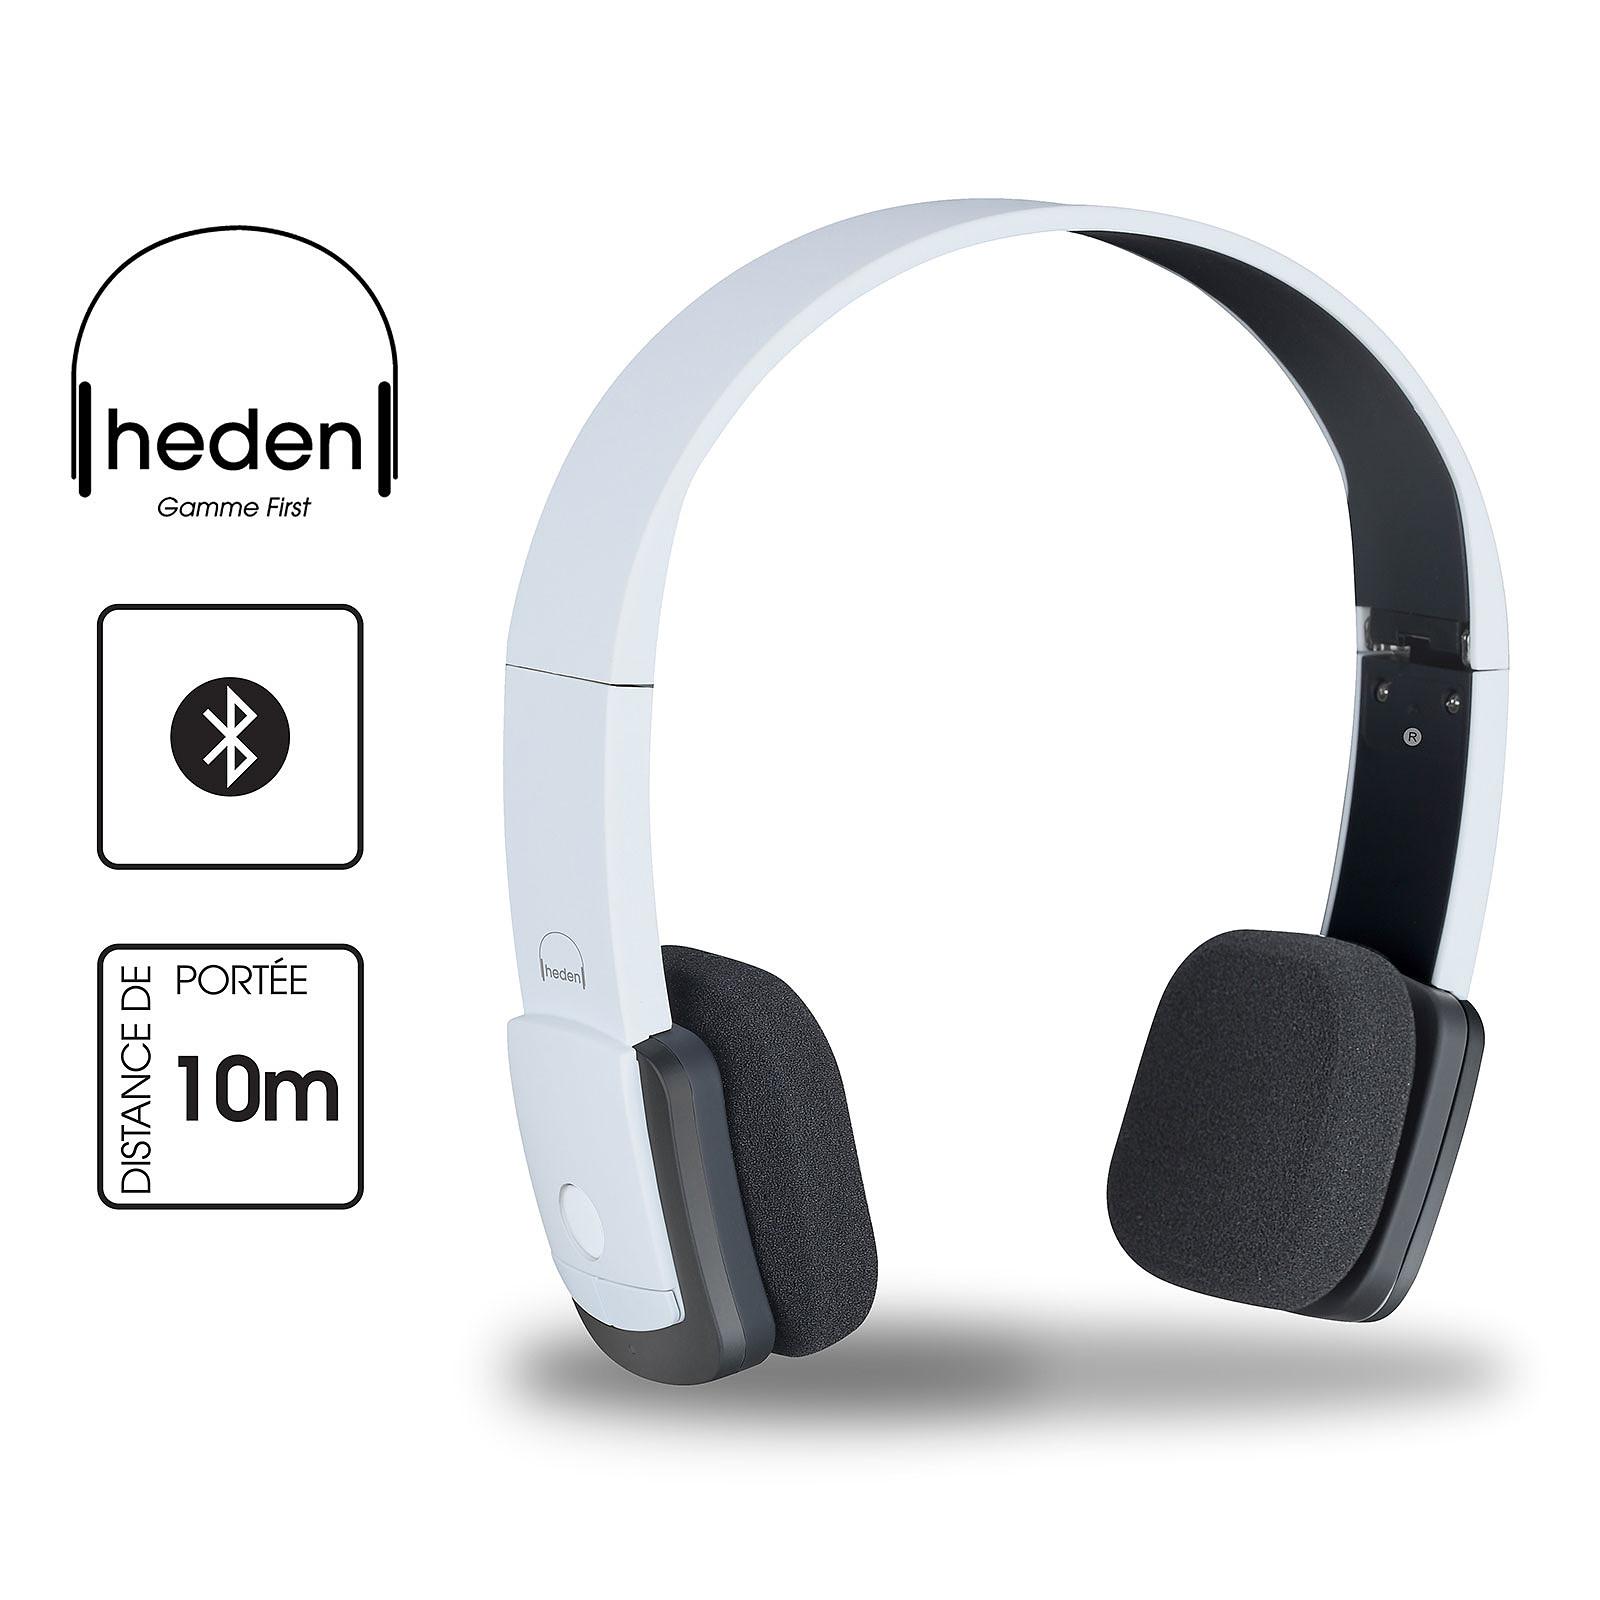 Heden First Blanc